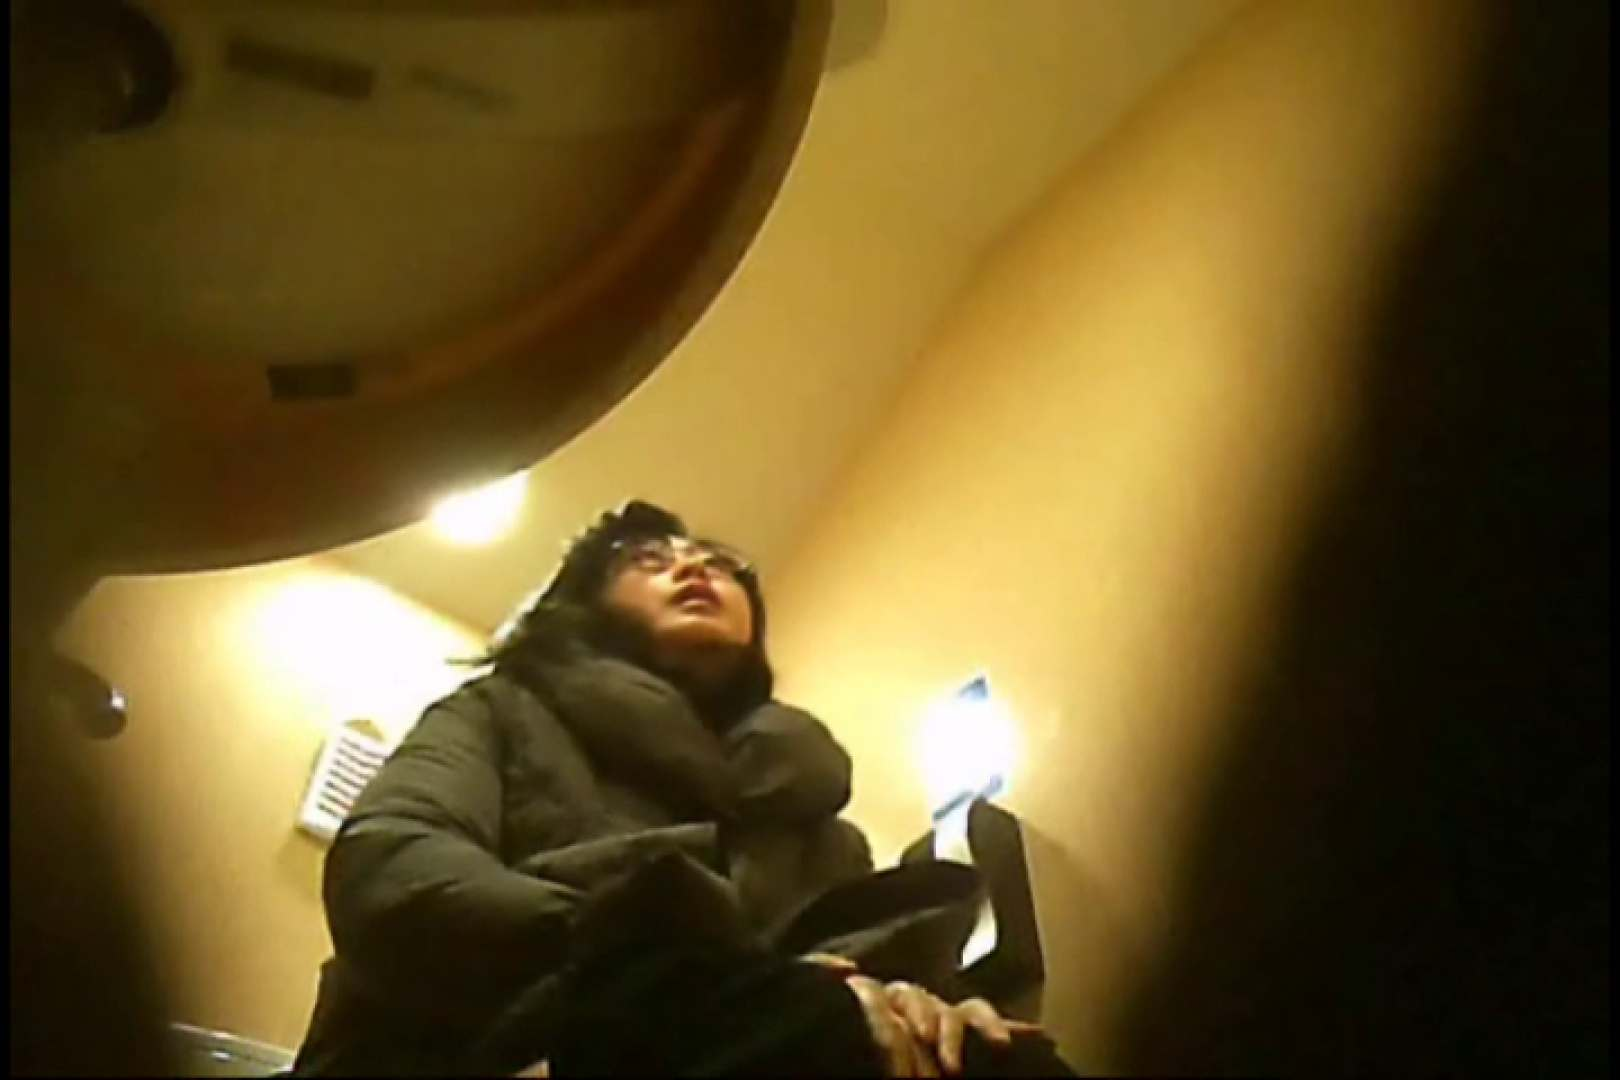 潜入!!女子化粧室盗撮~絶対見られたくない時間~vo,6 潜入突撃 オマンコ動画キャプチャ 107pic 50